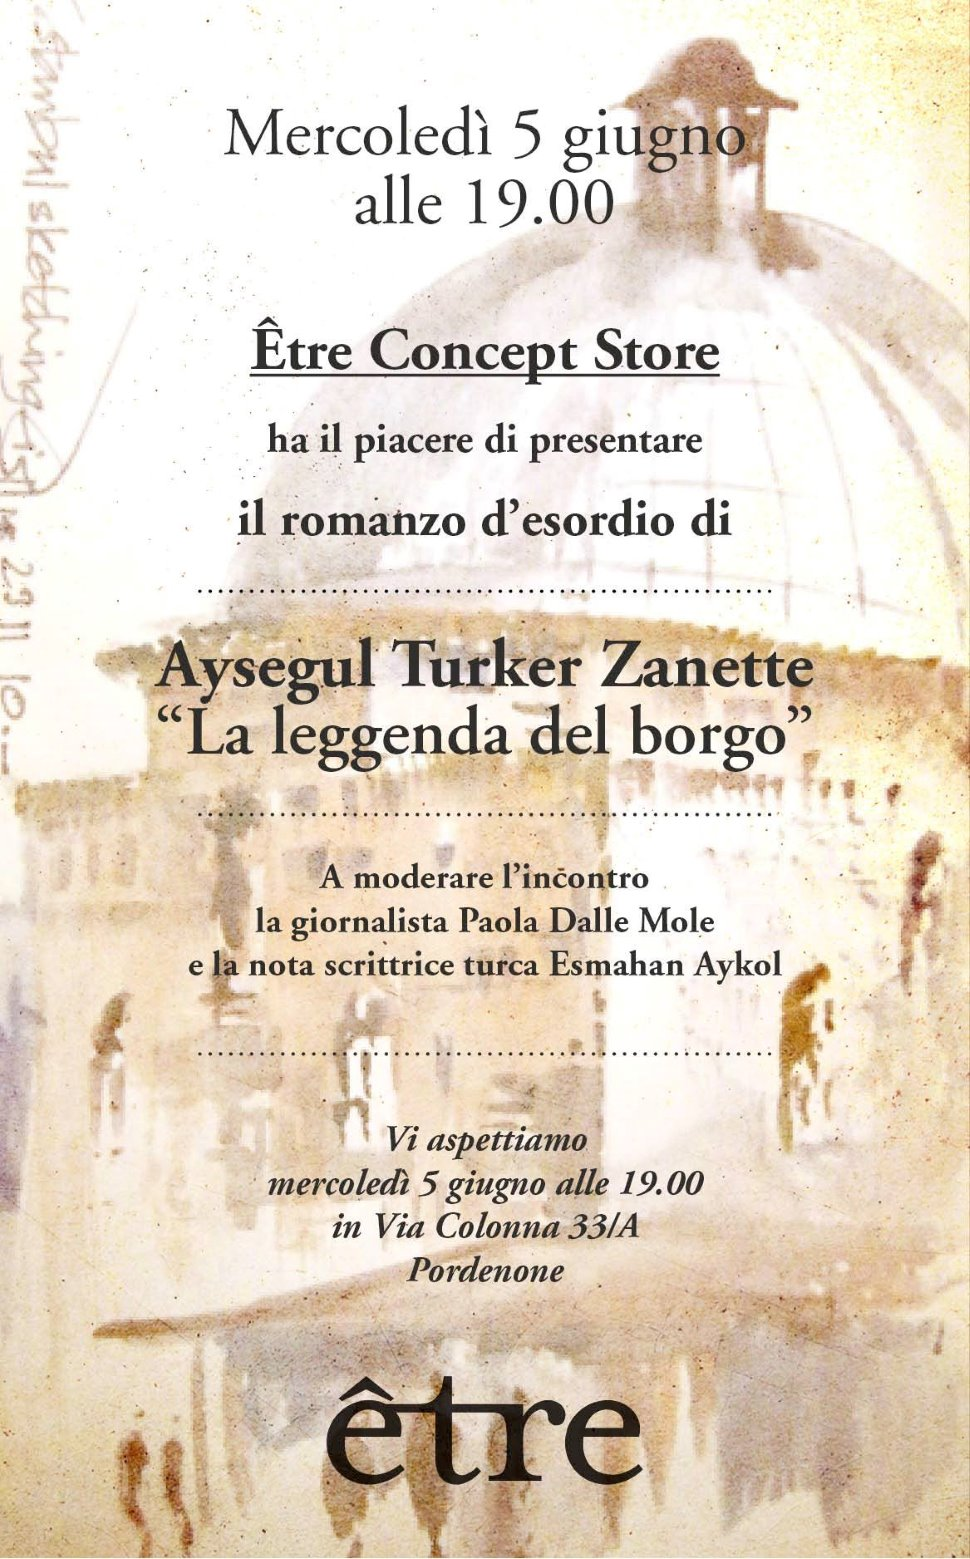 """Presentazione del romanzo d'esordio di Aysegul Turker Zanette """"La leggenda del borgo"""""""